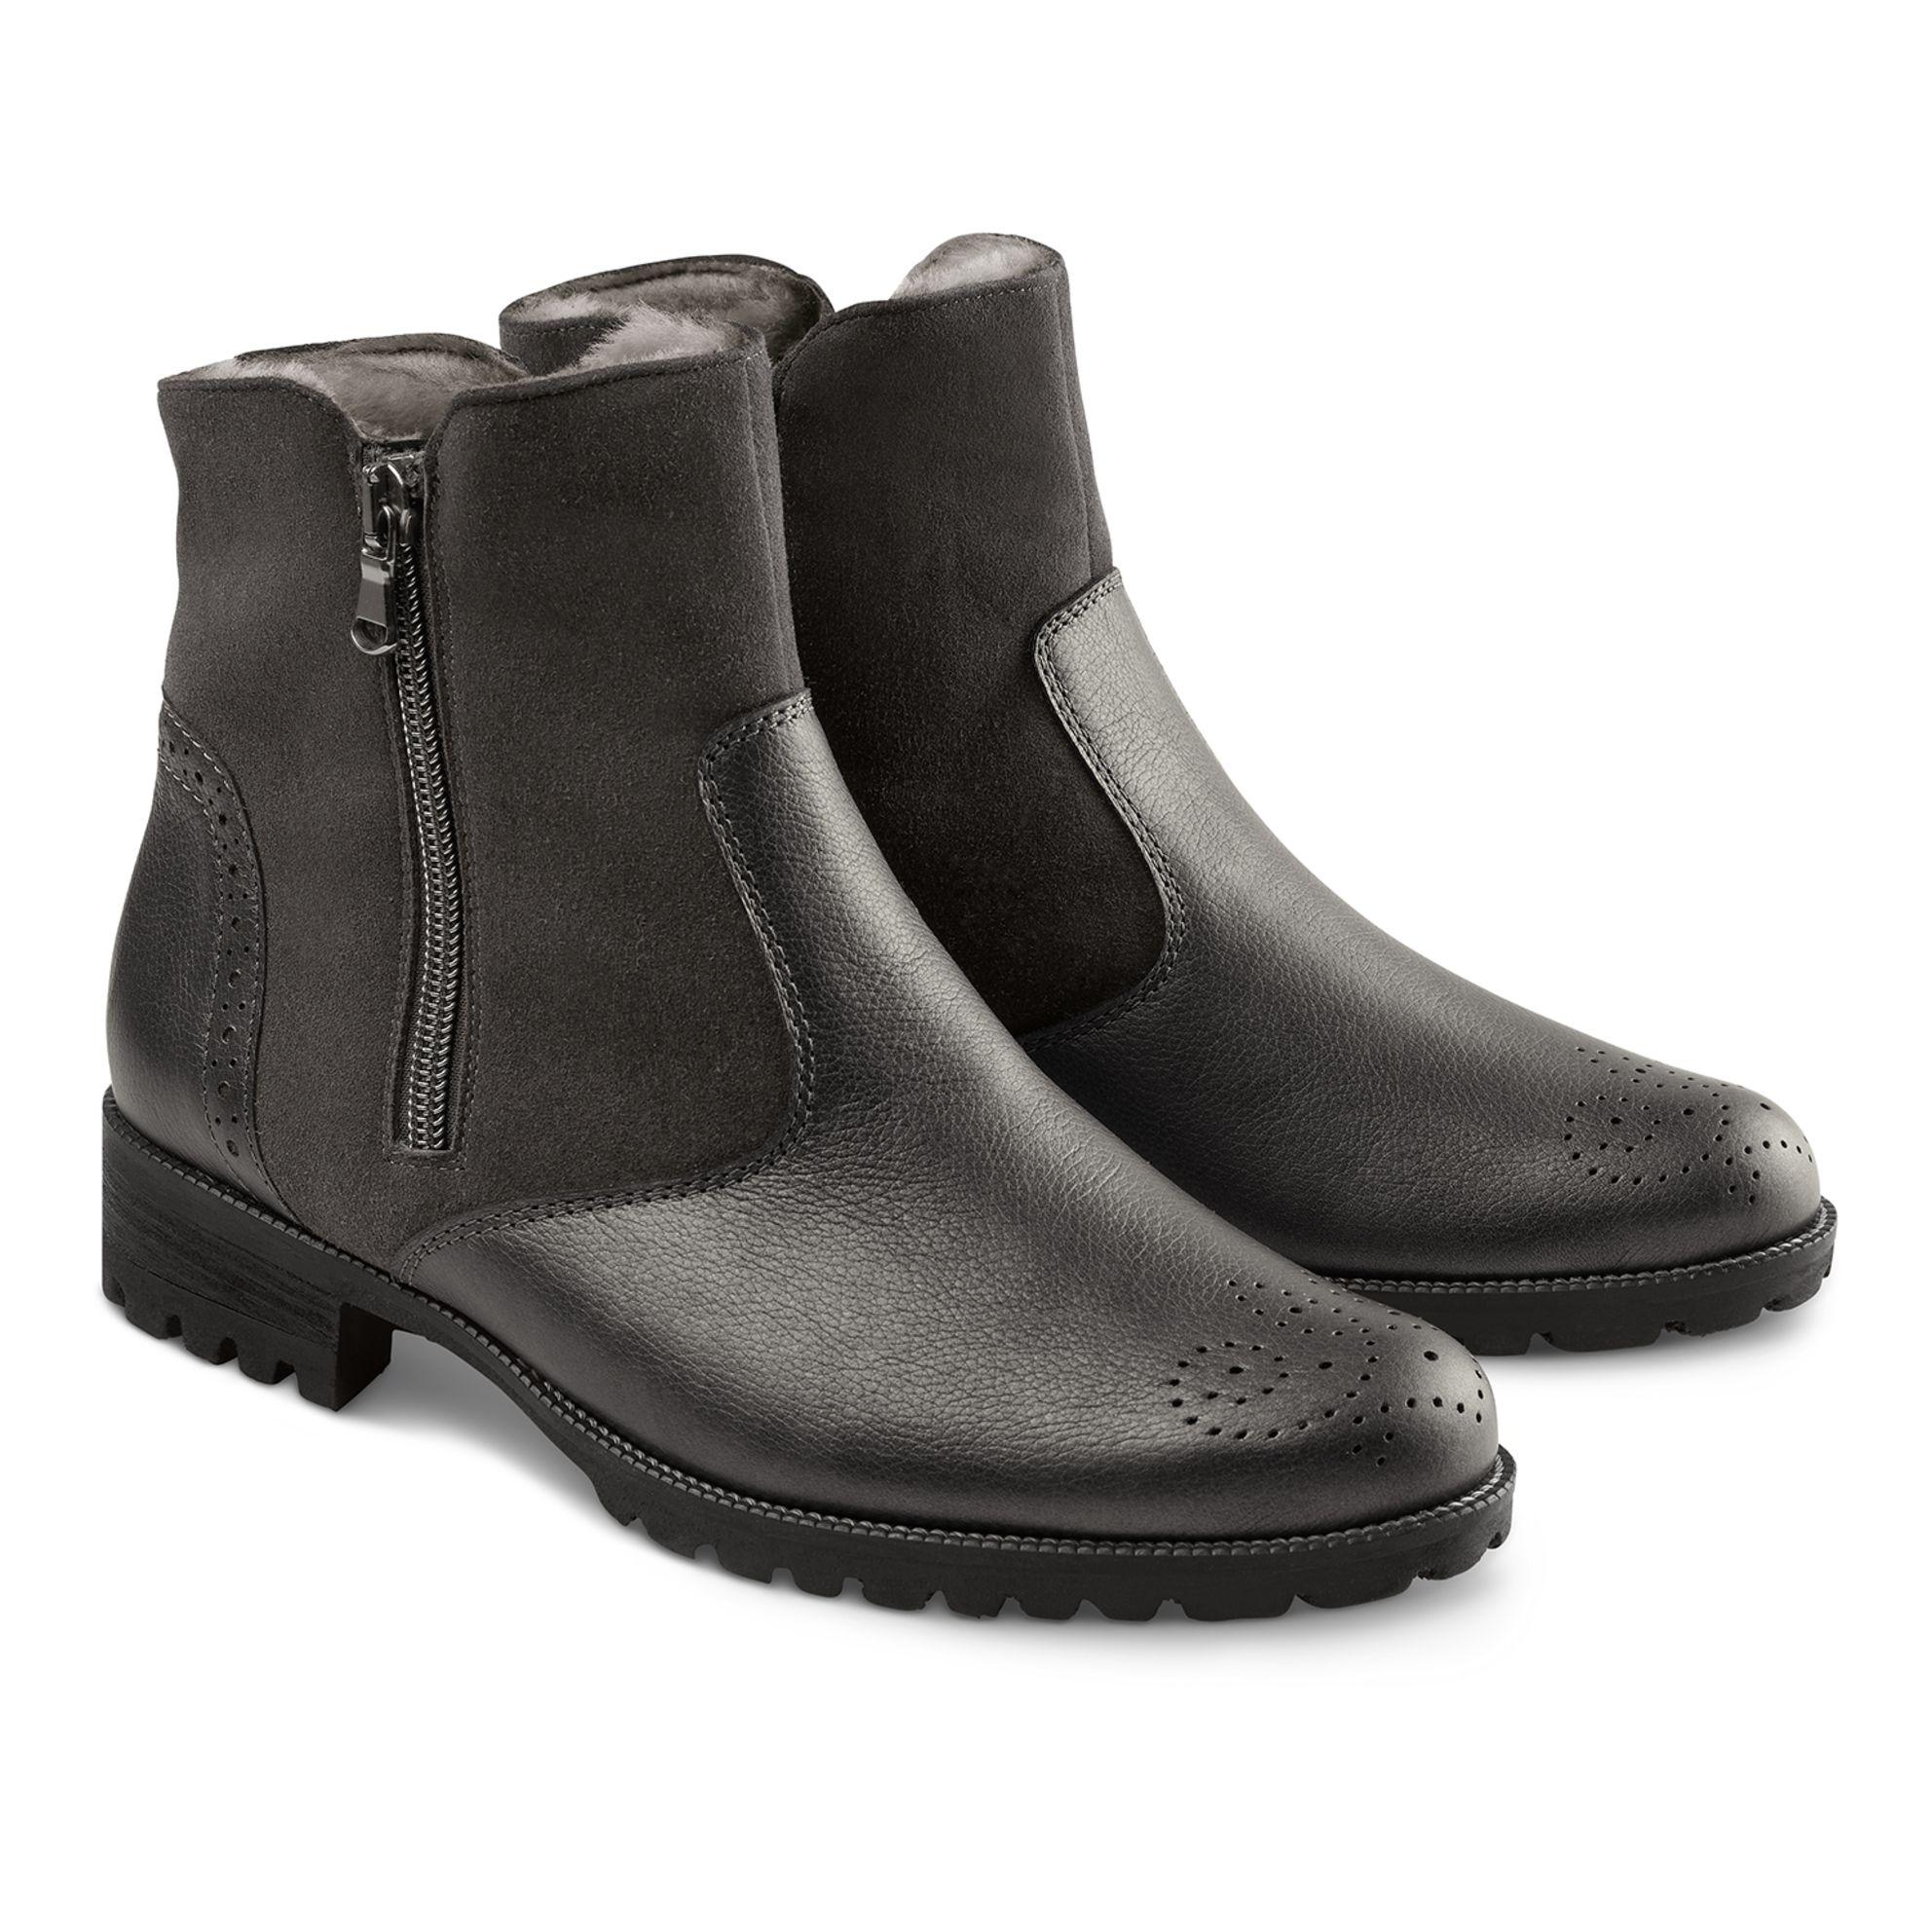 Lammfell Stiefelette Anthrazit – modischer und bequemer Schuh für Hallux valgus und empfindliche Füße von LaShoe.de